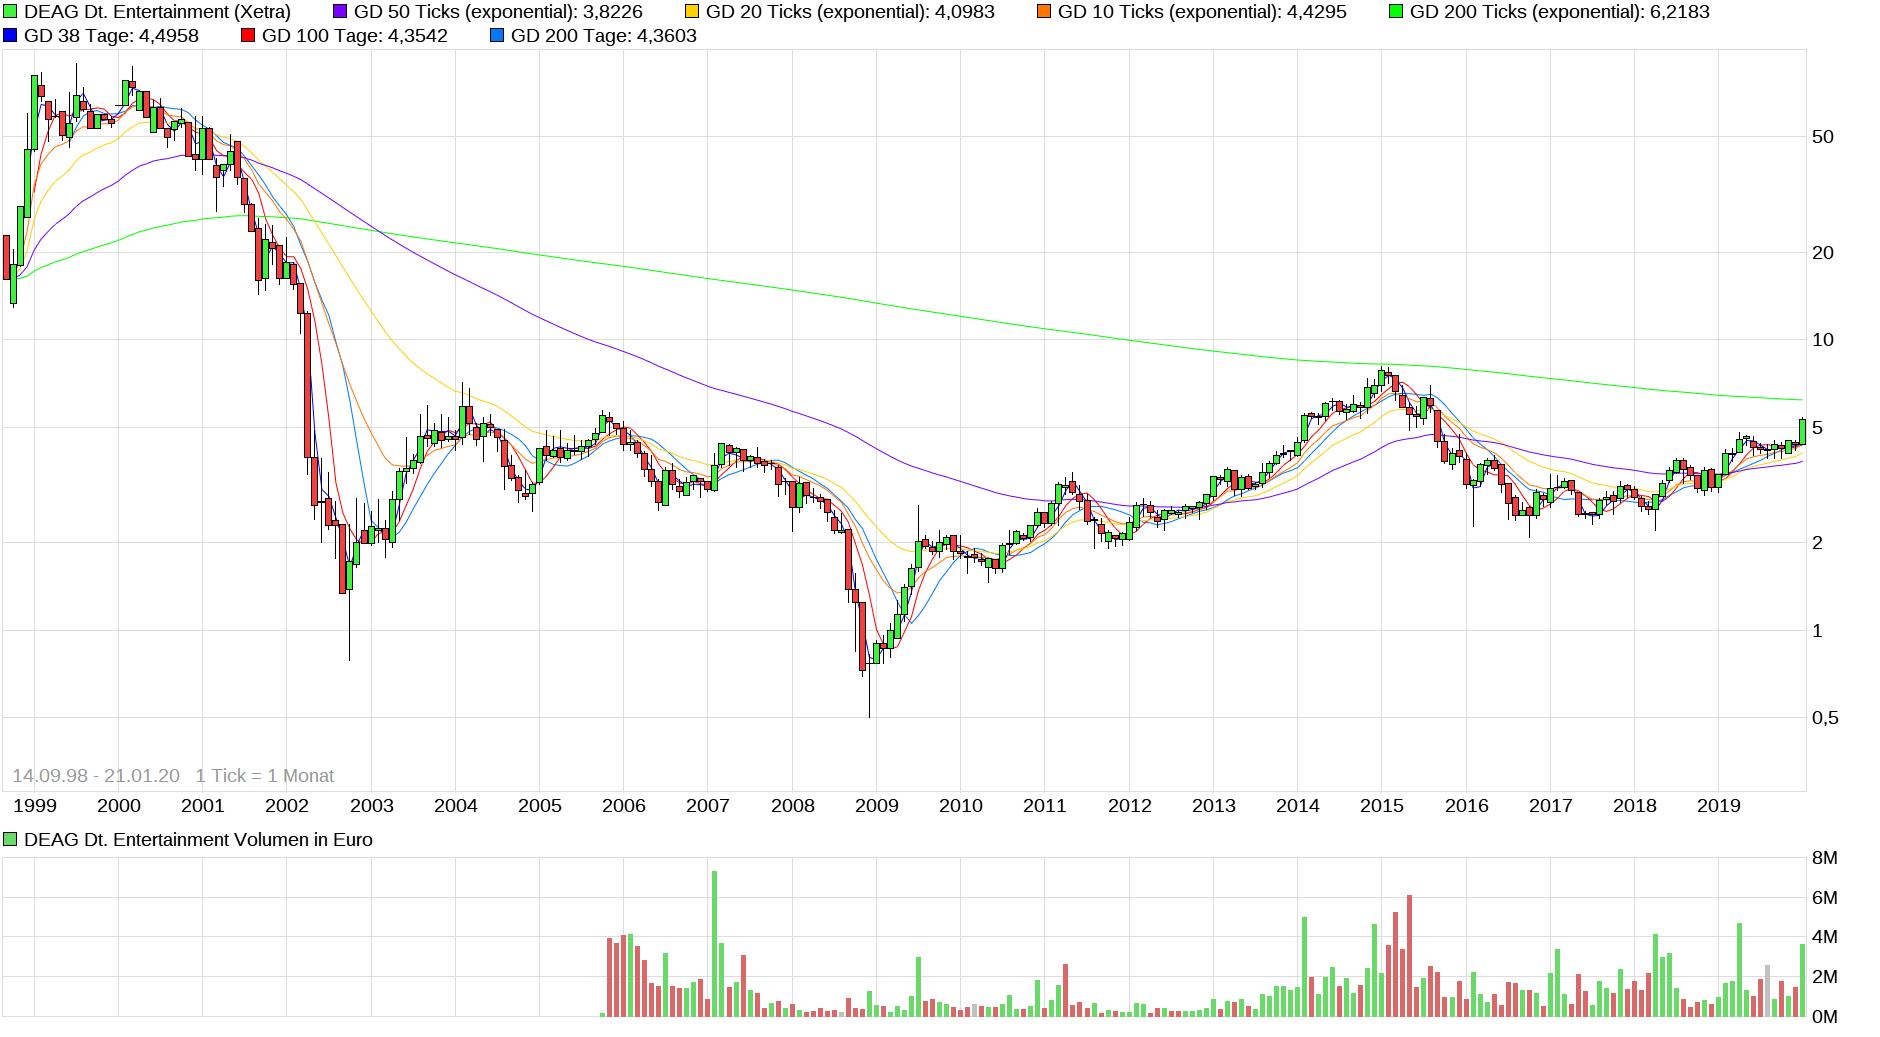 chart_all_deagdeutscheentertainment.png